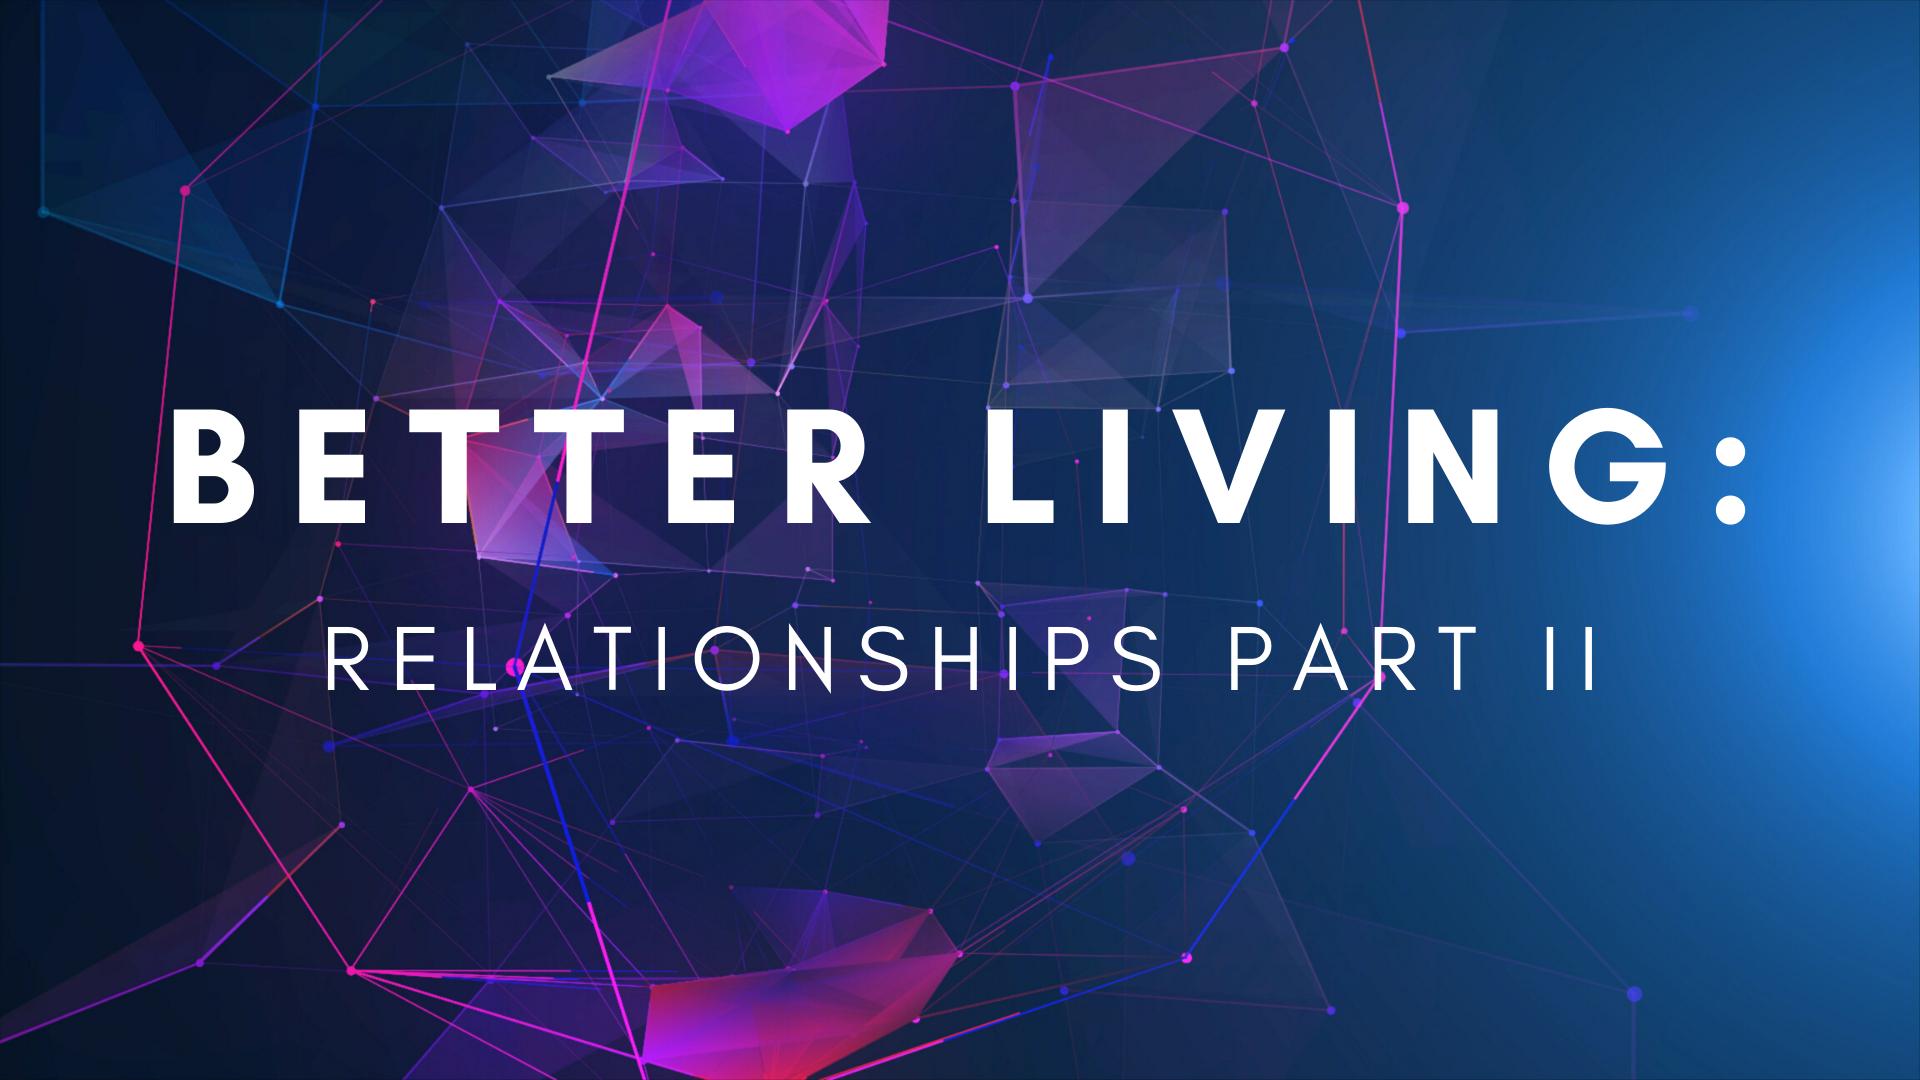 Better Living 2